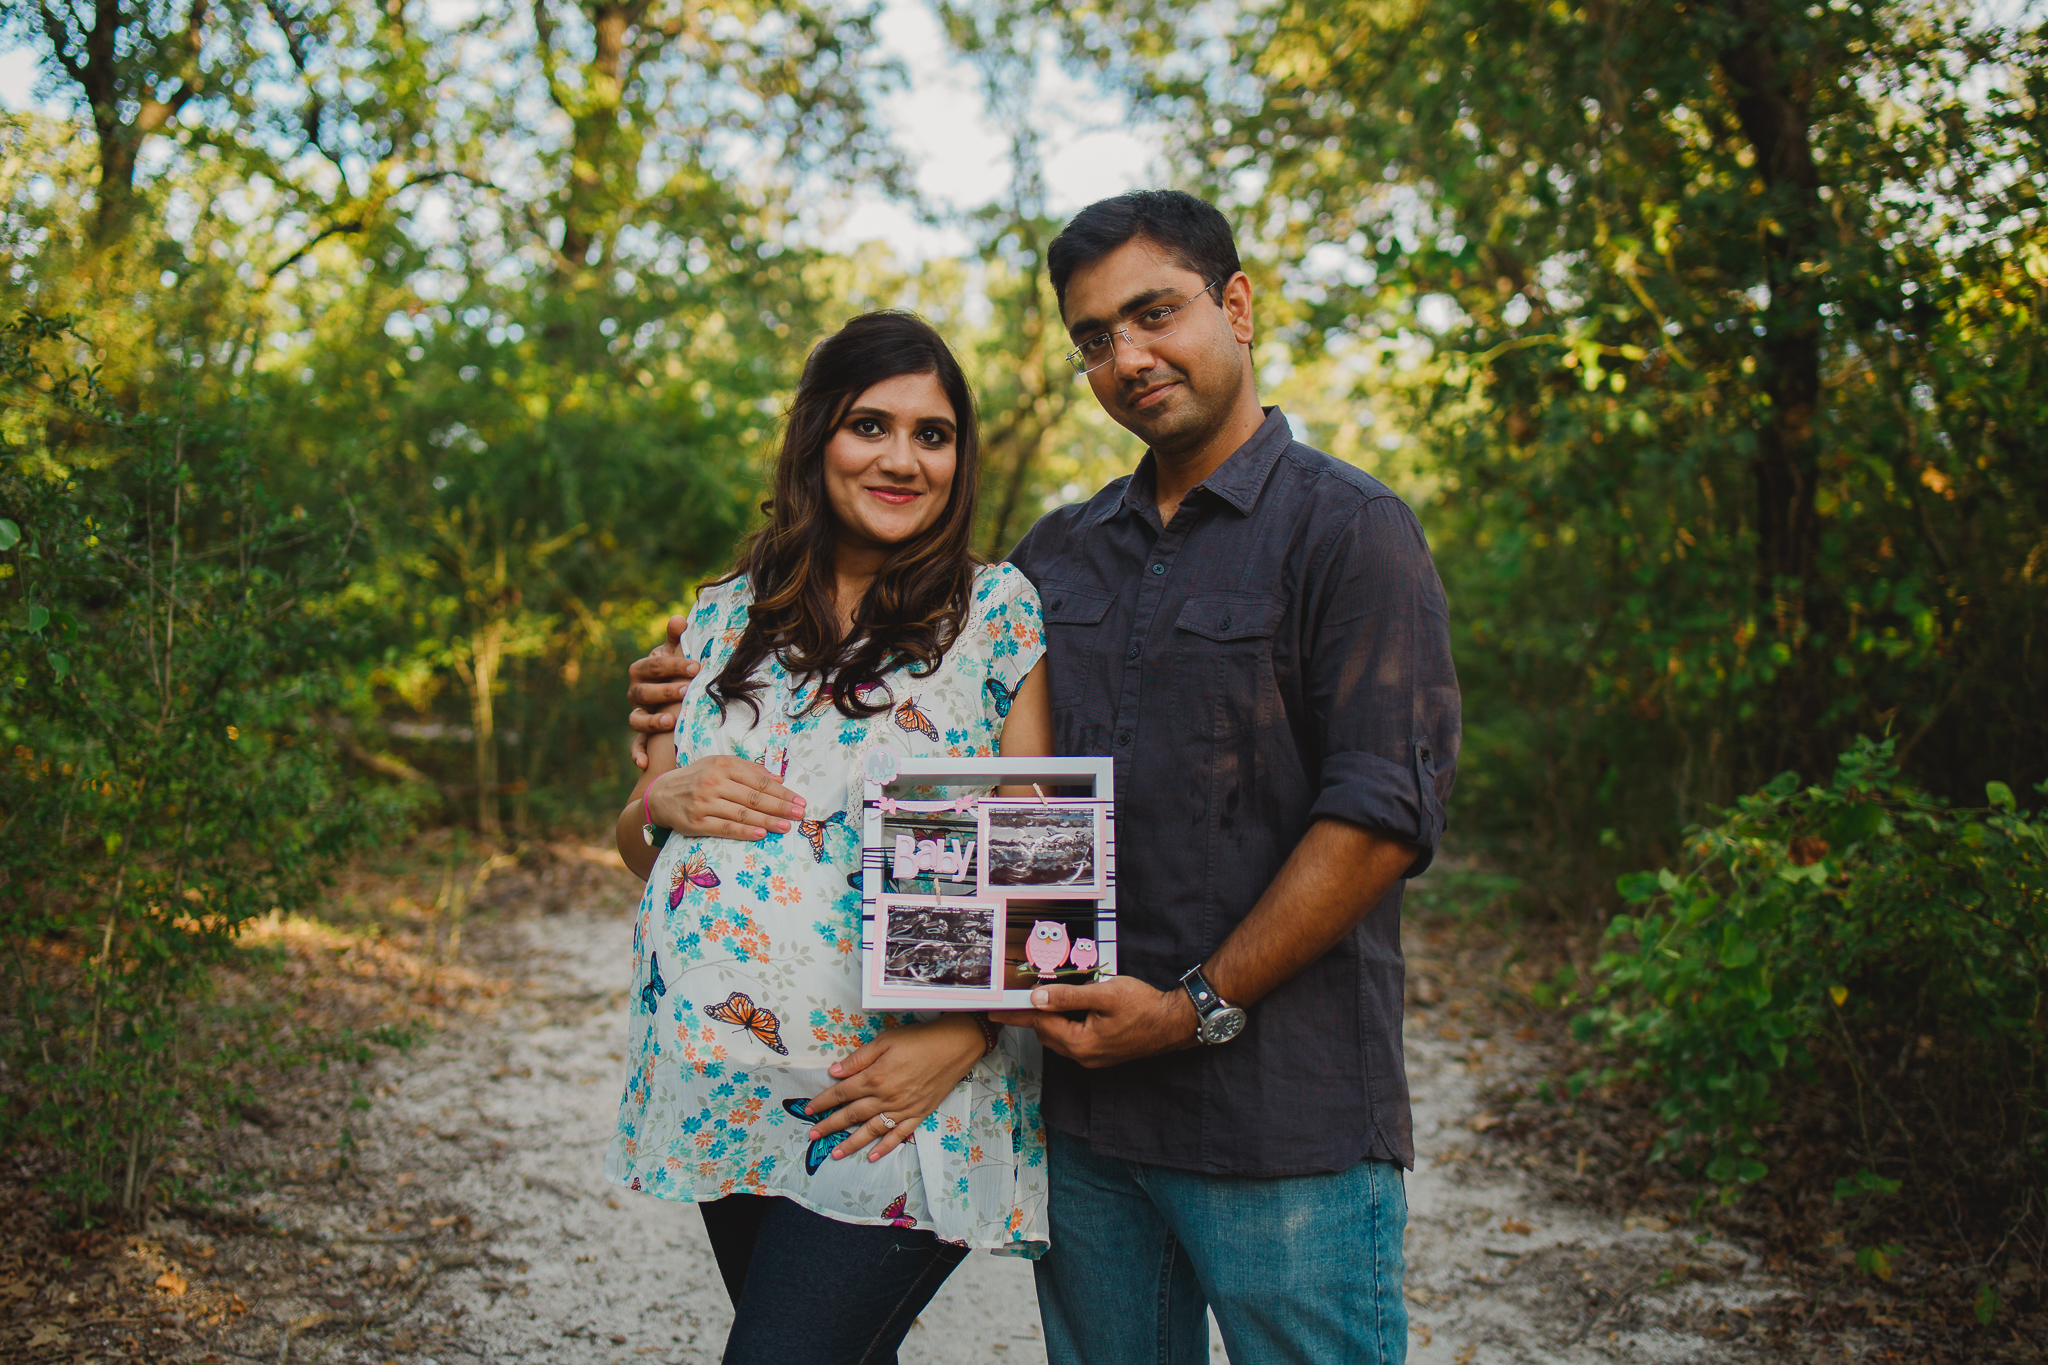 elizalde photography - maternity session - maternity photography - denton photographer --8.jpg